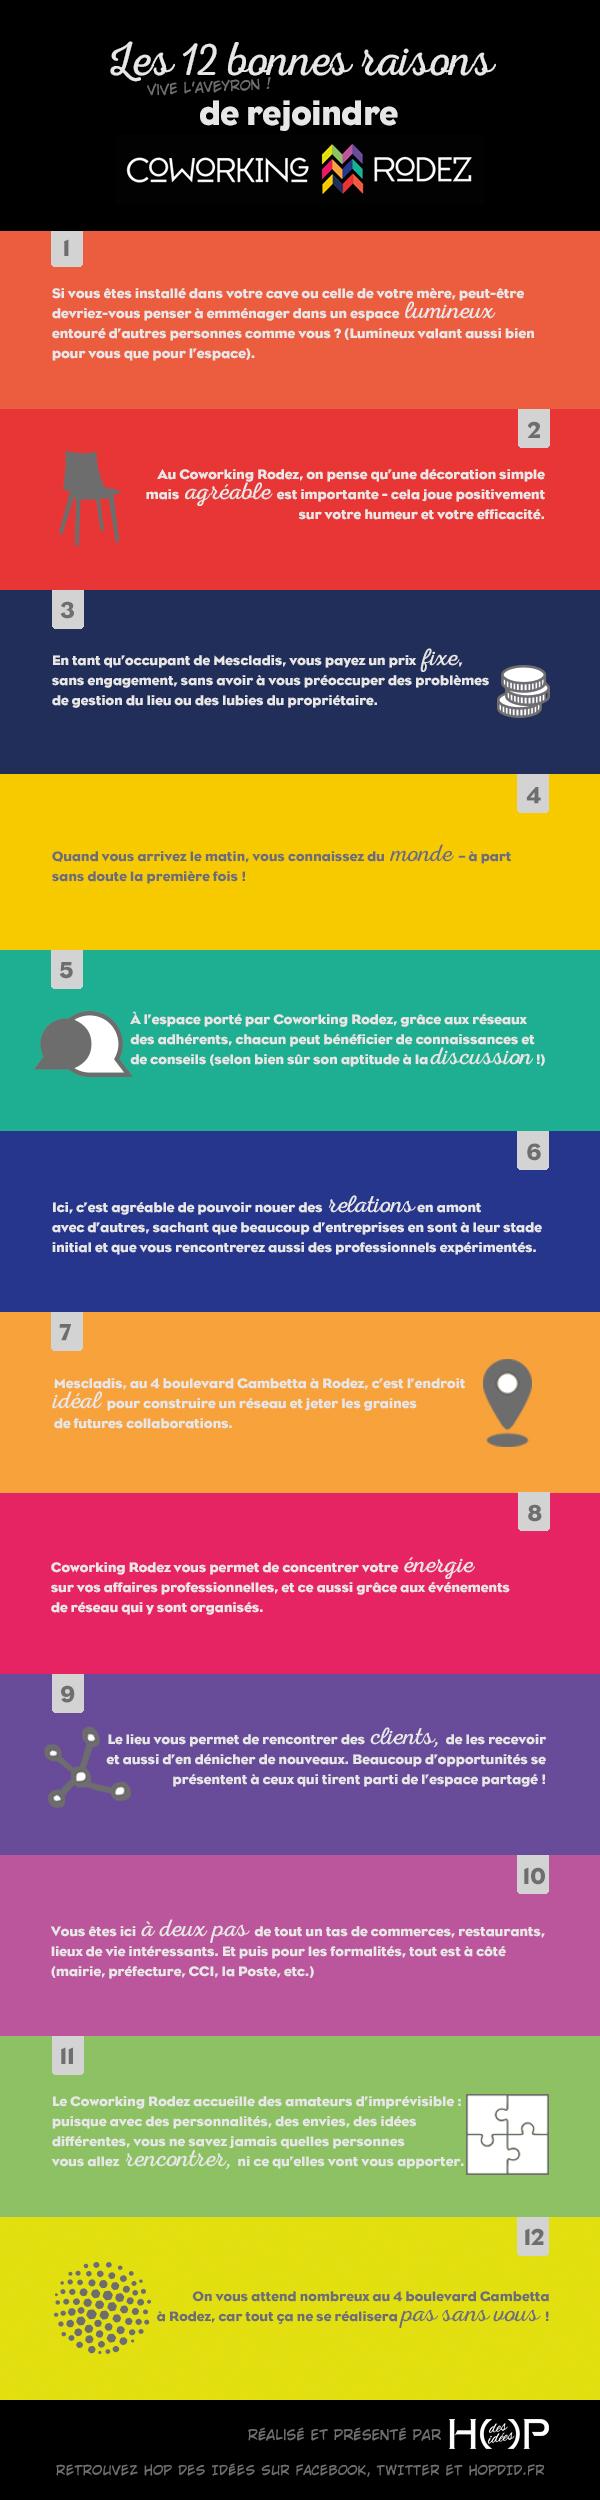 Infographie-coworkingRodez